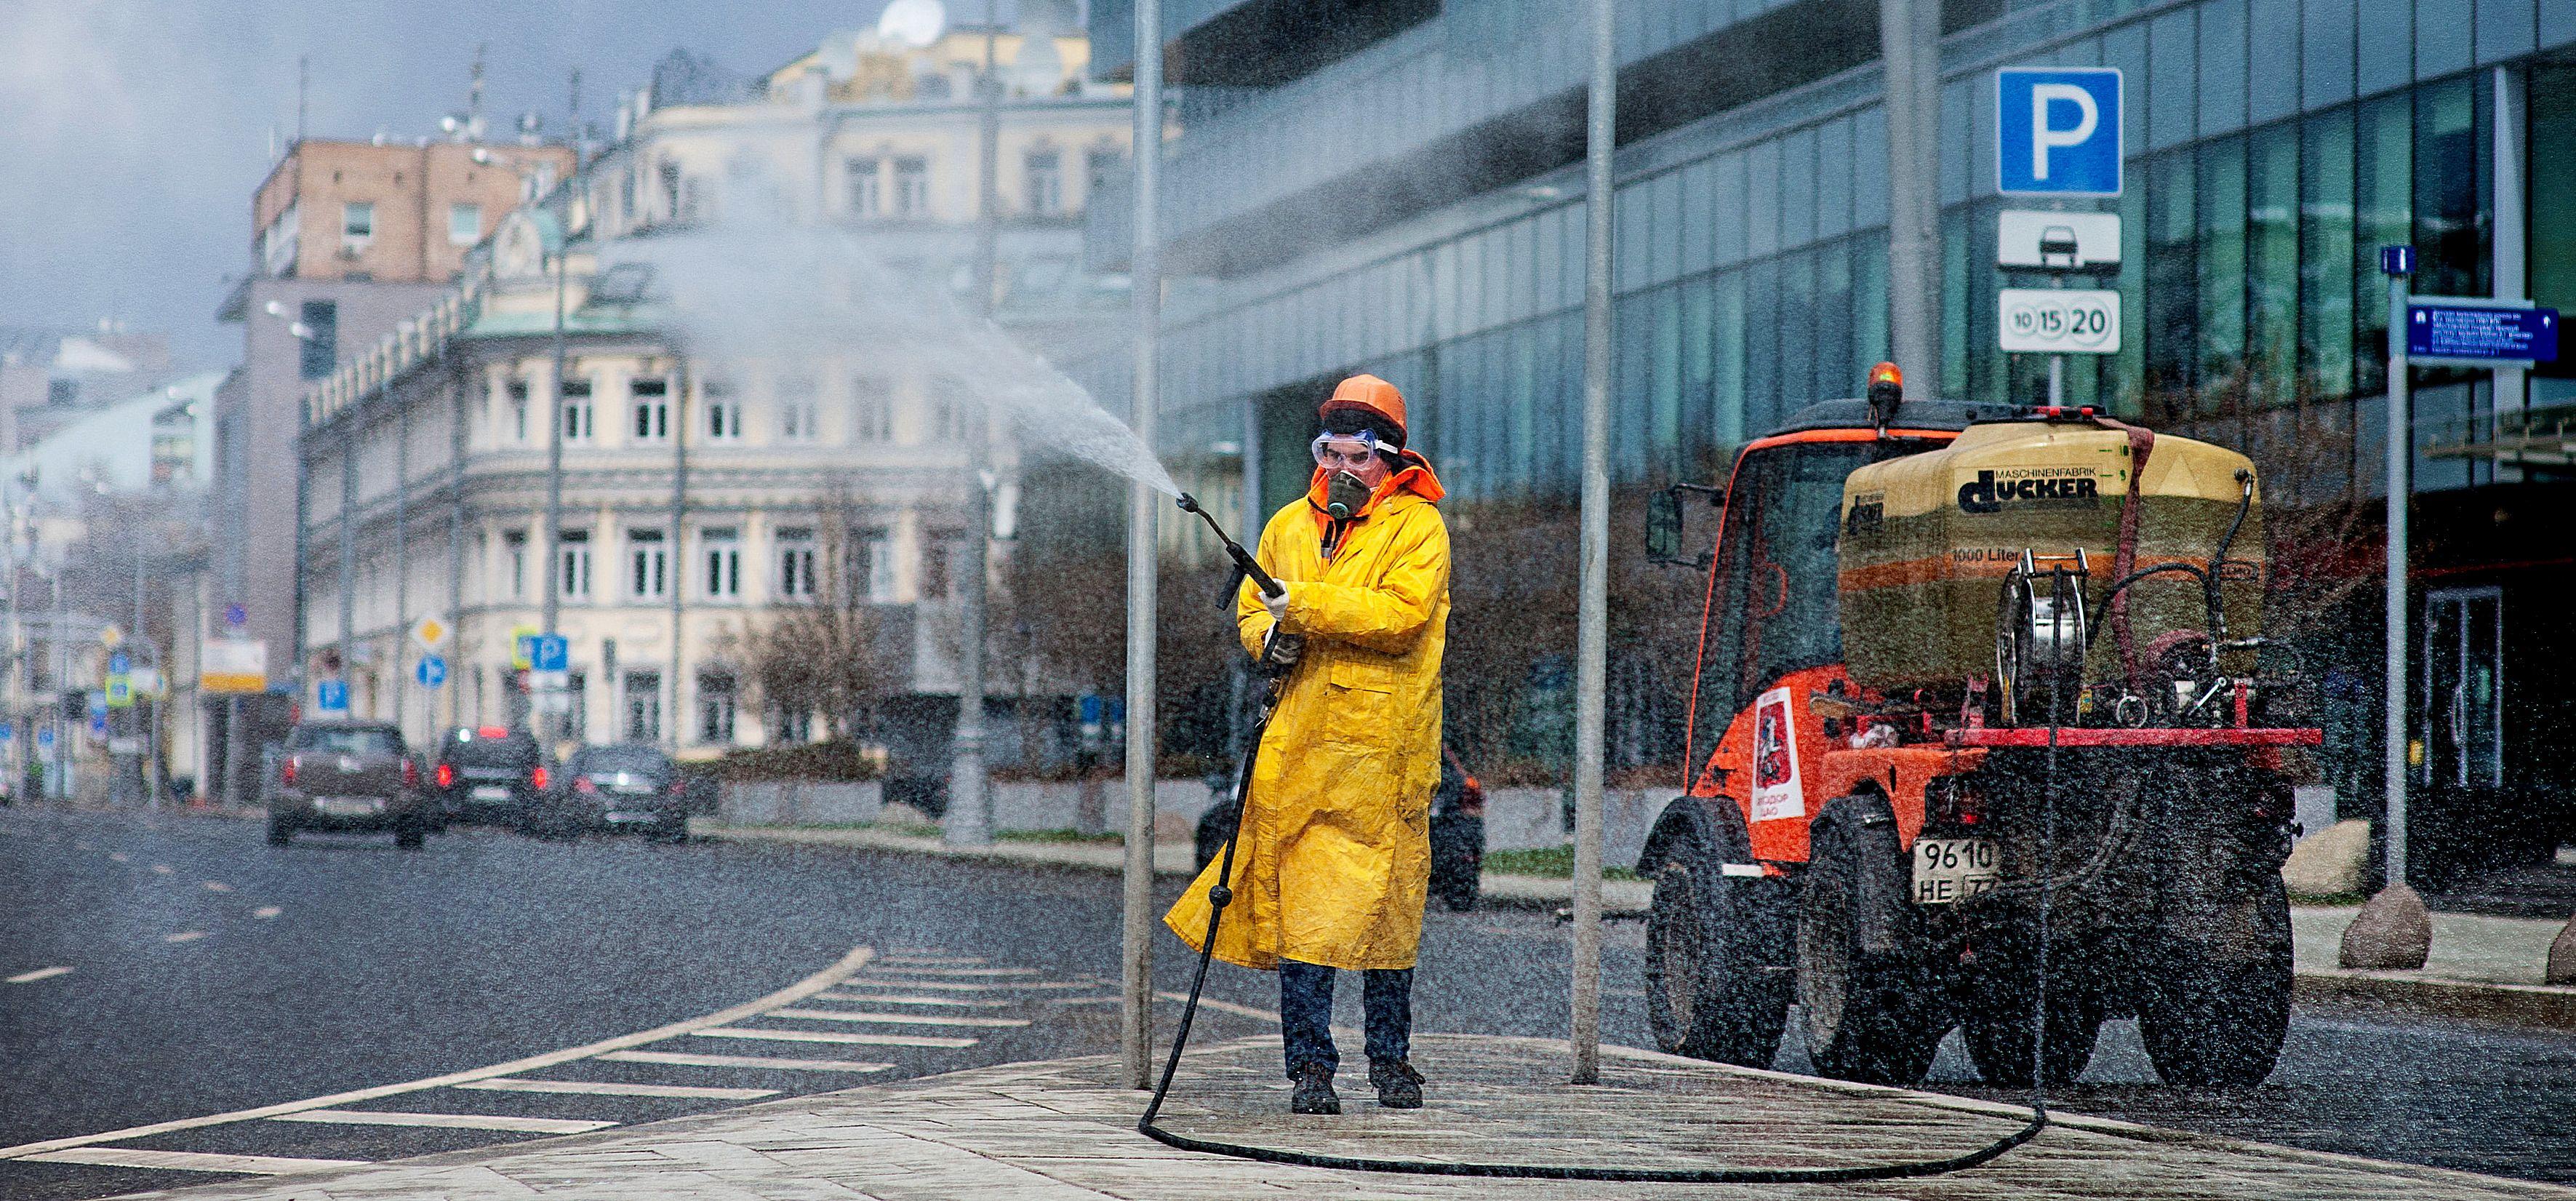 Масштабную дезинфекцию дорог анонсировали в Москве